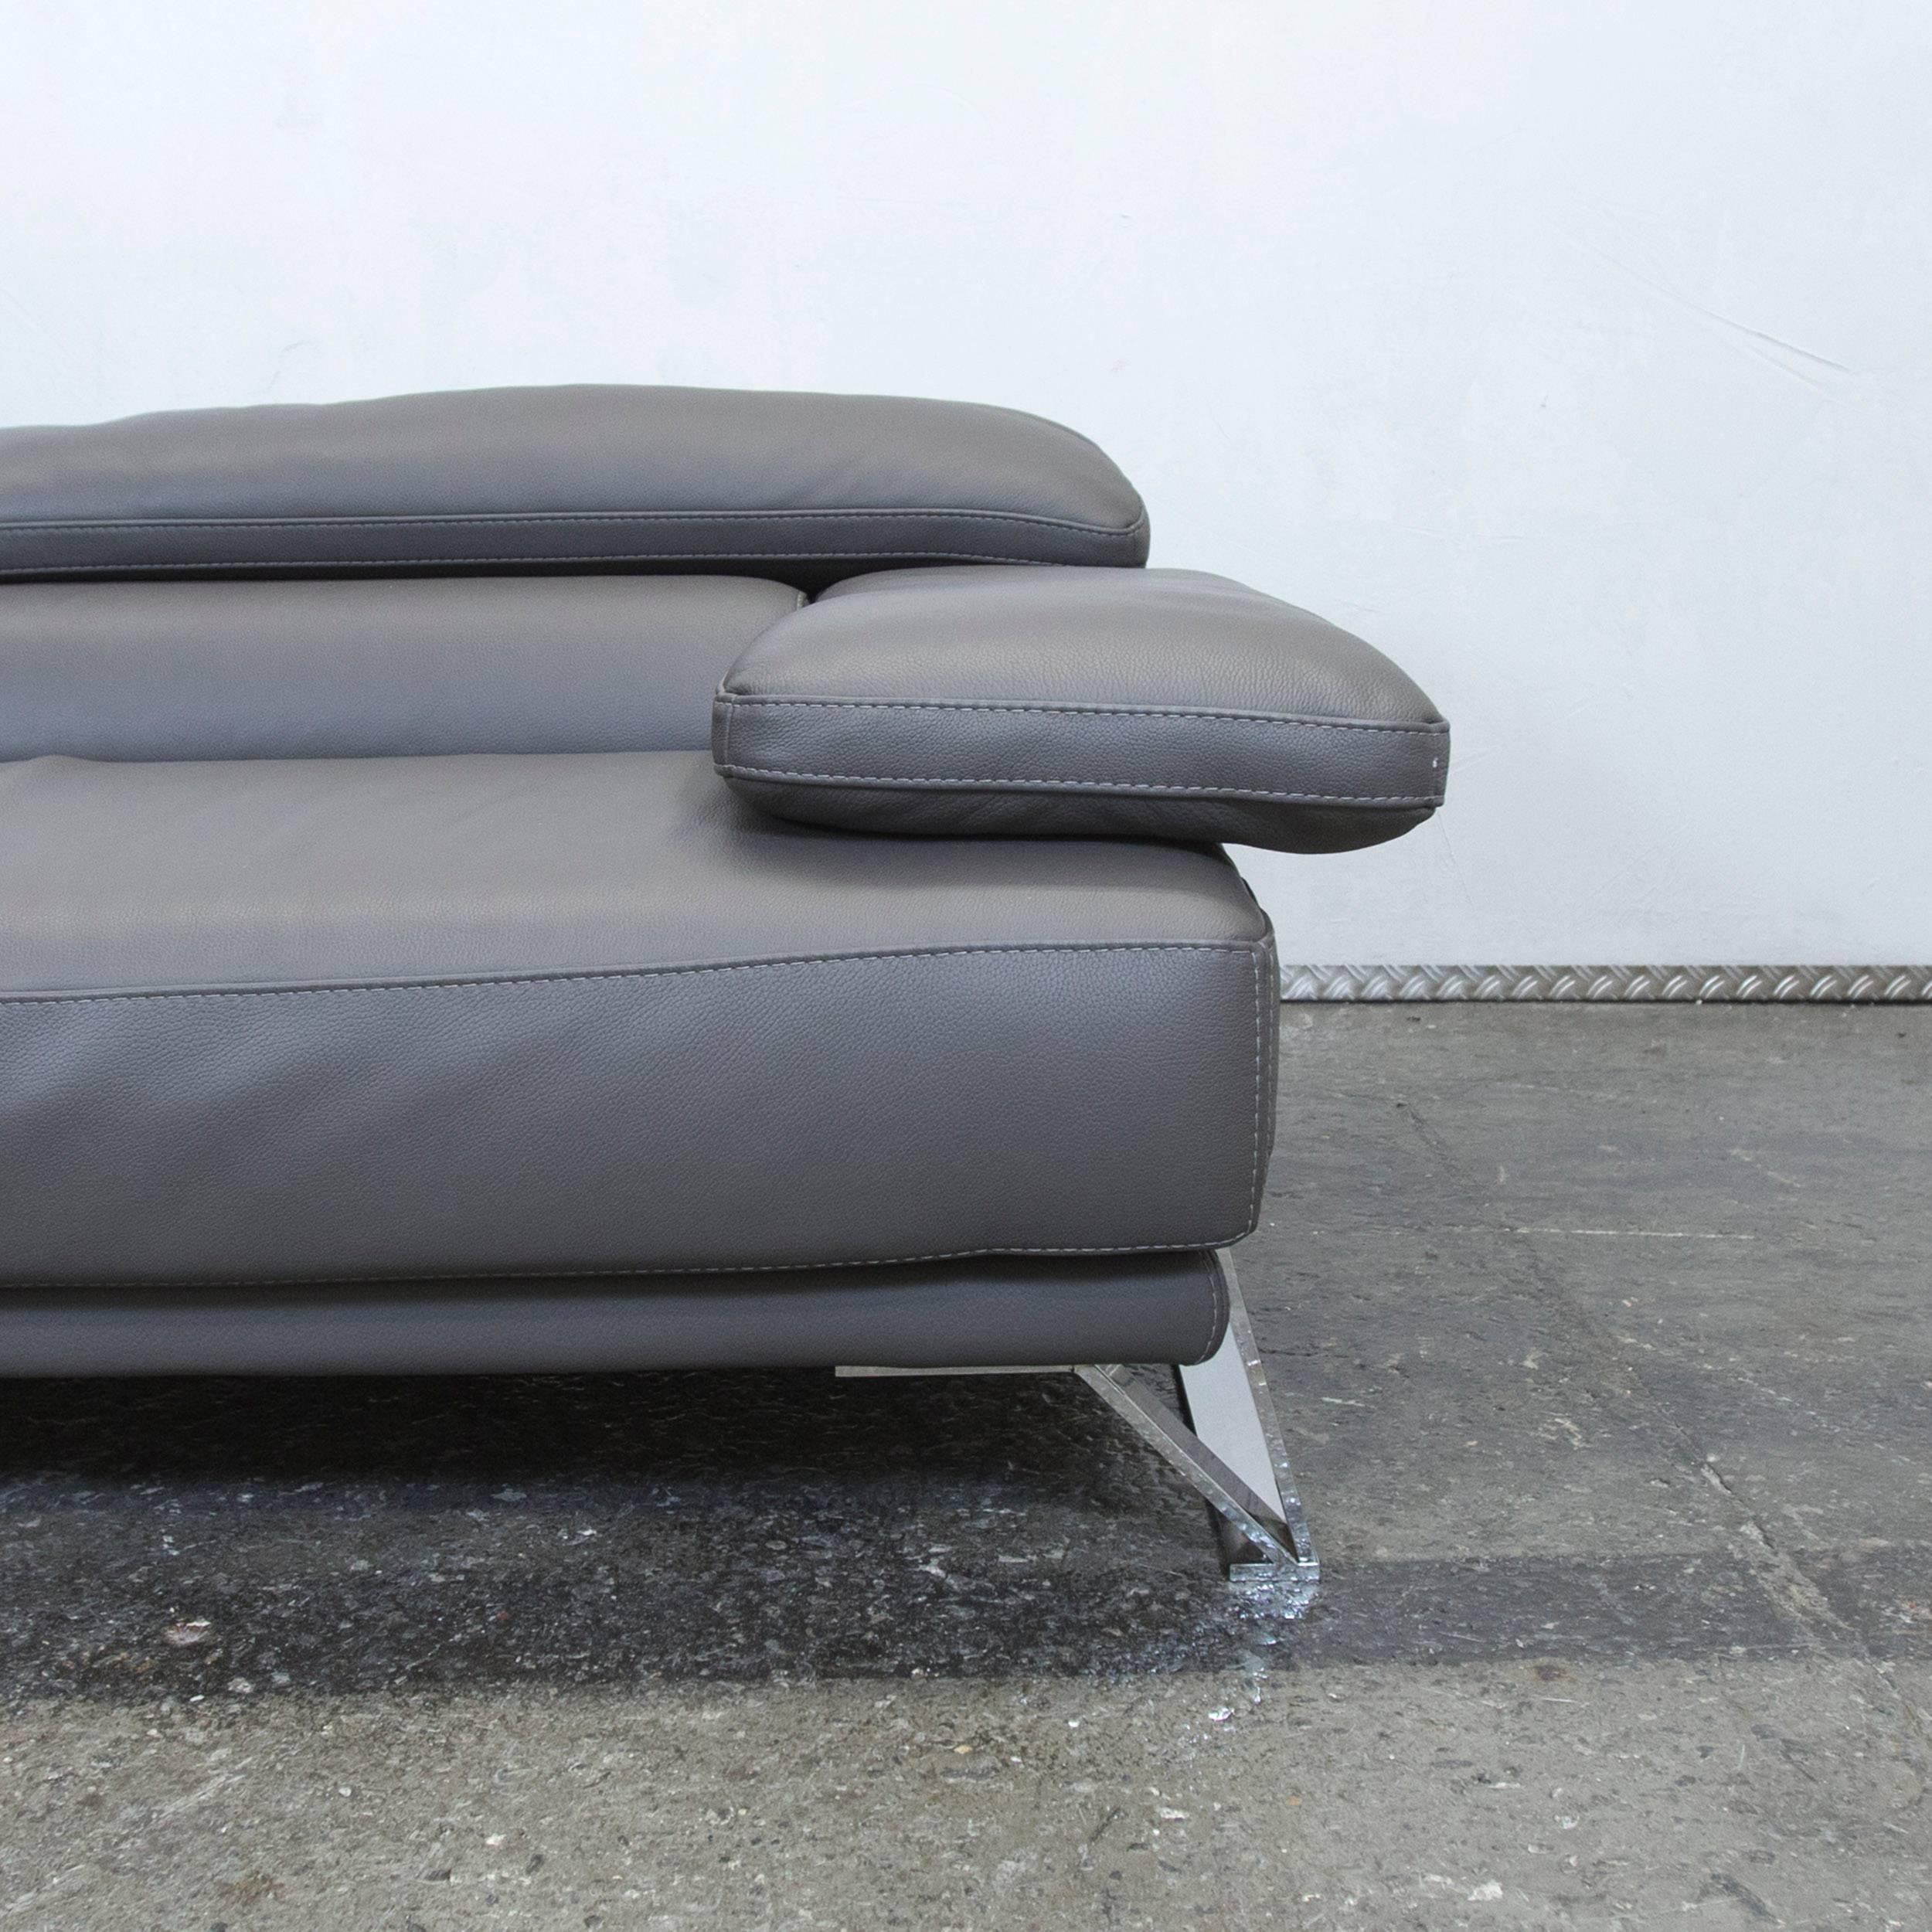 Beeindruckend Sofaecke Grau Ideen Von Good Roche Bobois Designer Sofa Grey Leather